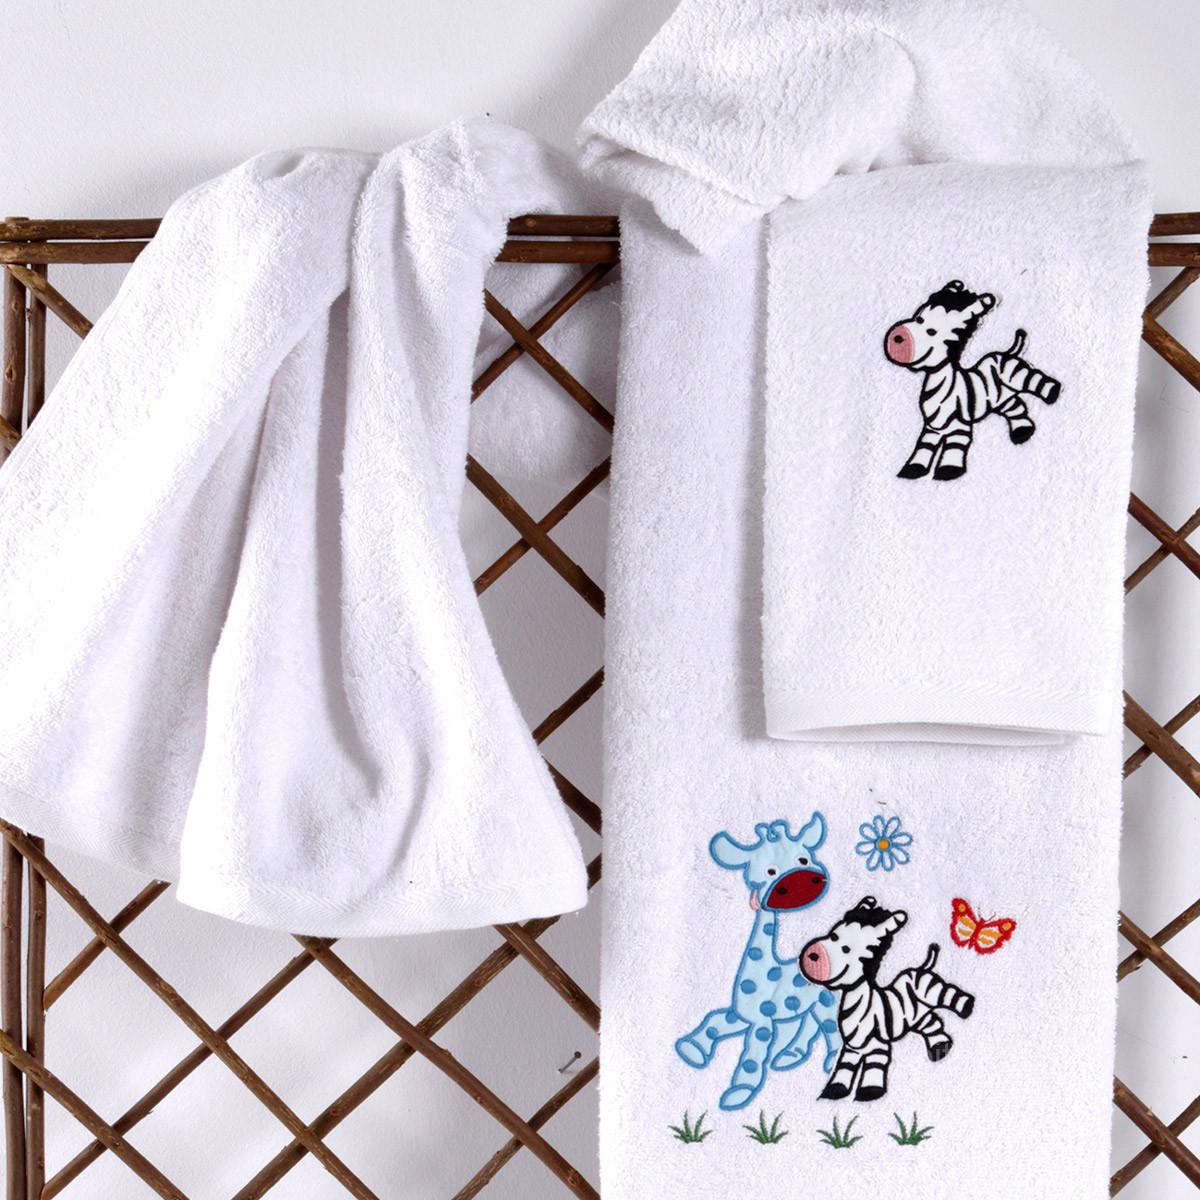 Βρεφικές Πετσέτες (Σετ 2τμχ) Sb Home Baby Olly & Zemo Blue